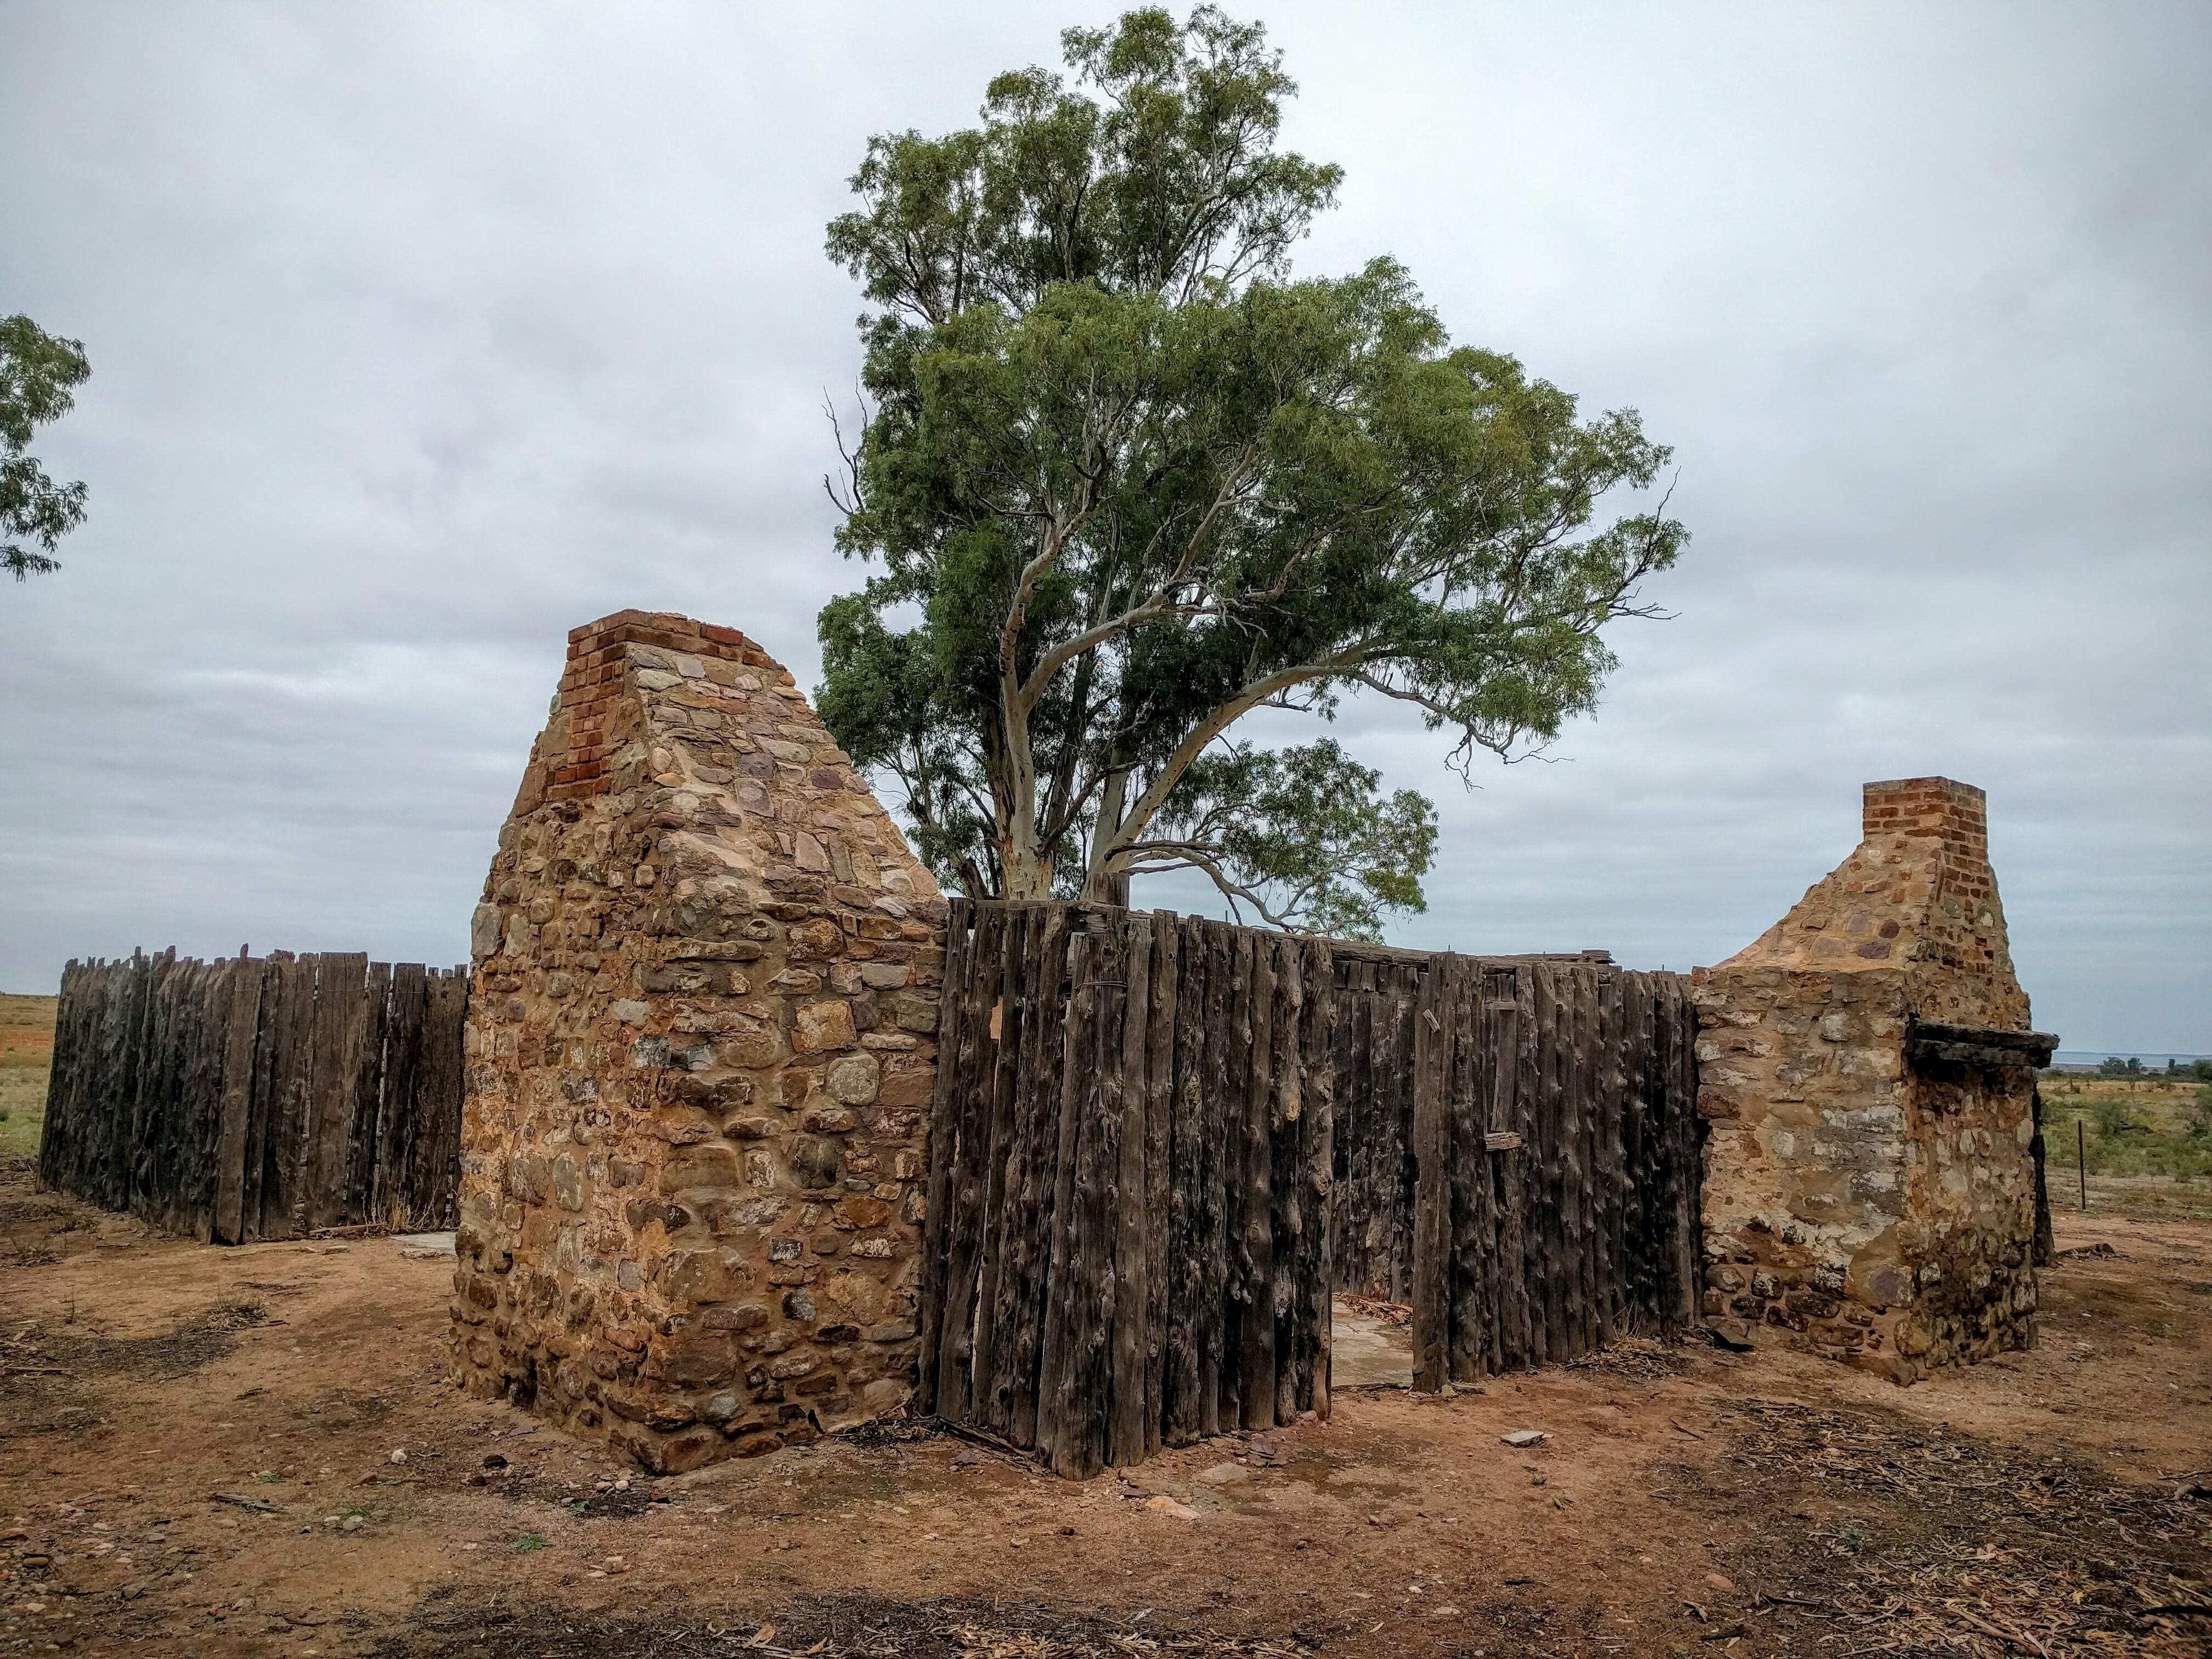 Baroota Homestead ruins